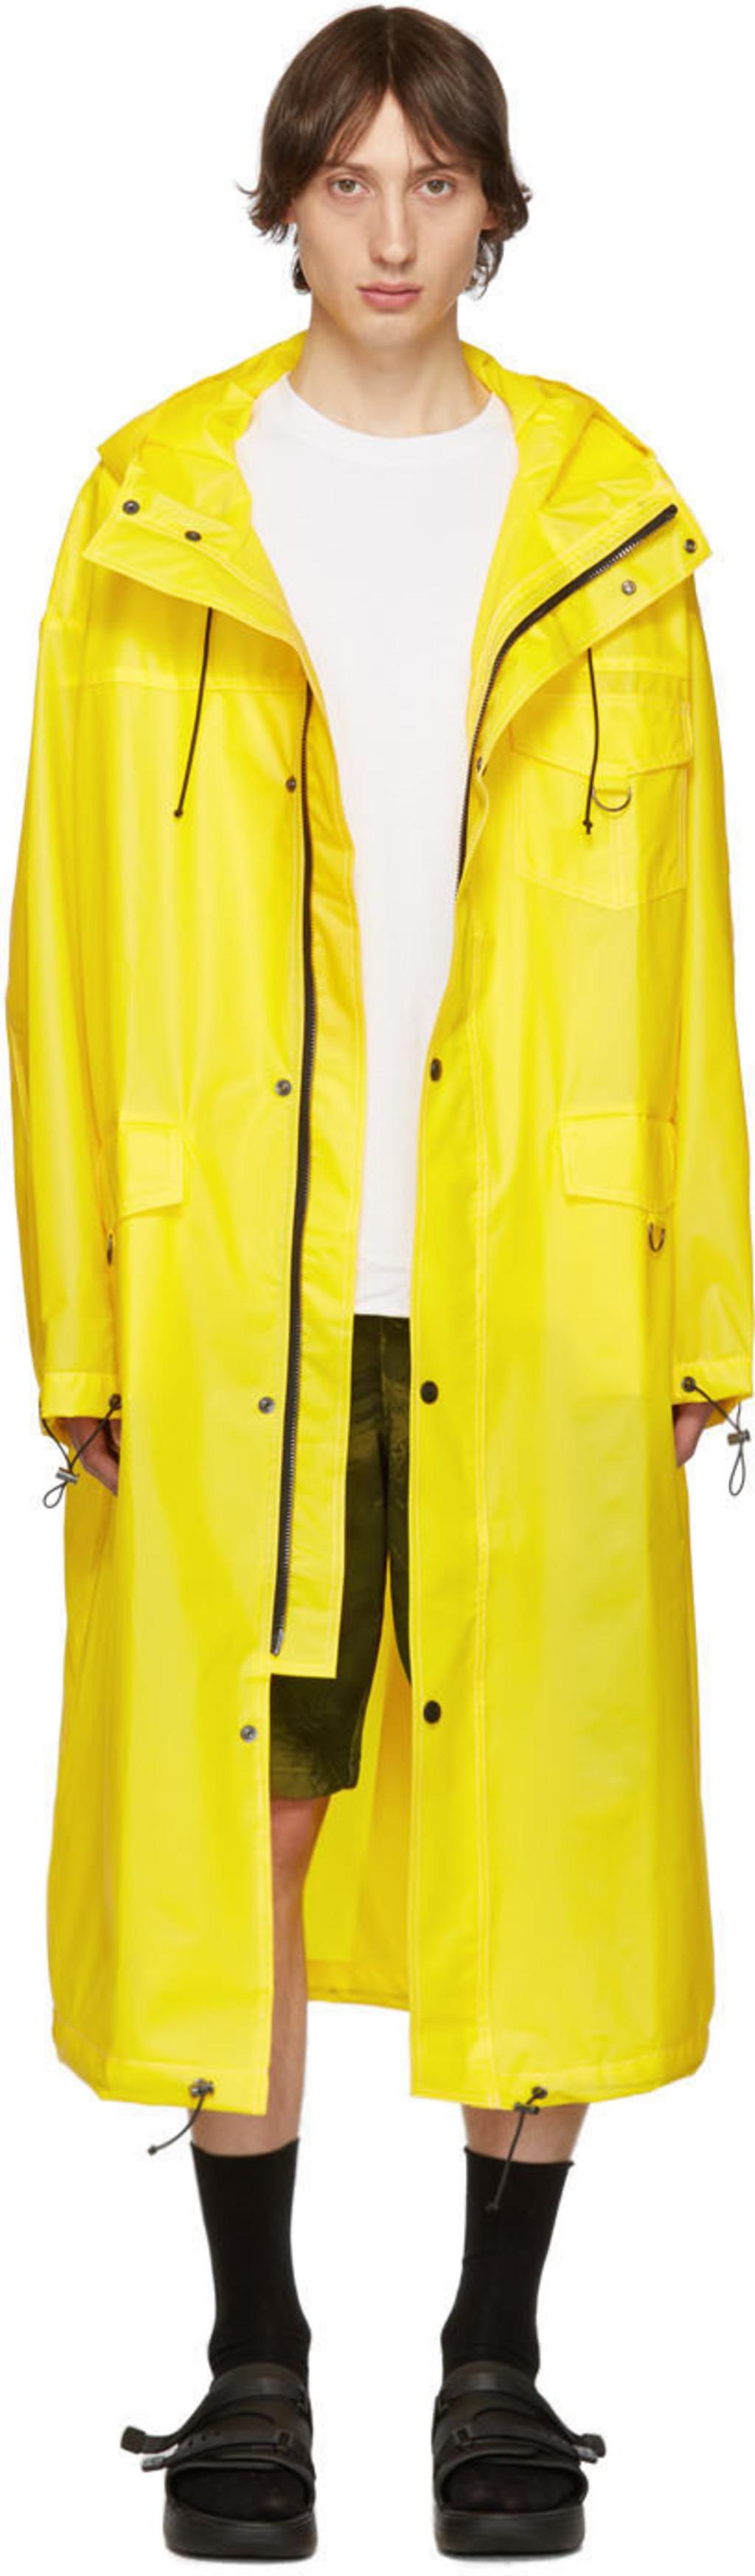 69407906ea Yellow Logo Raincoat